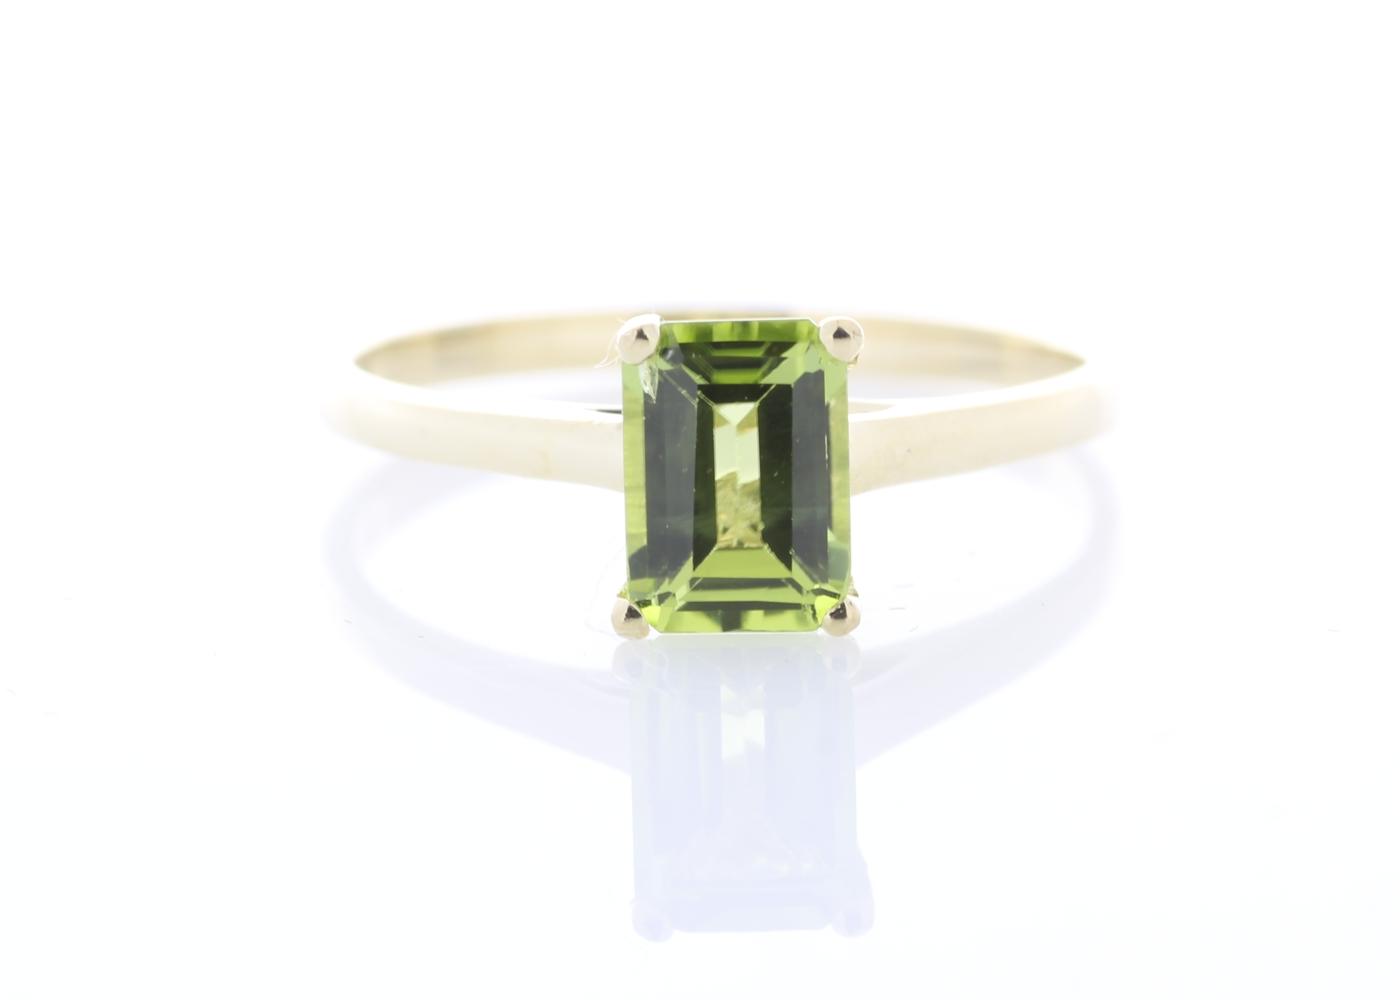 Lot 36 - 9ct Yellow Gold Single Stone Emerald Cut Peridot Ring 0.95 Carats